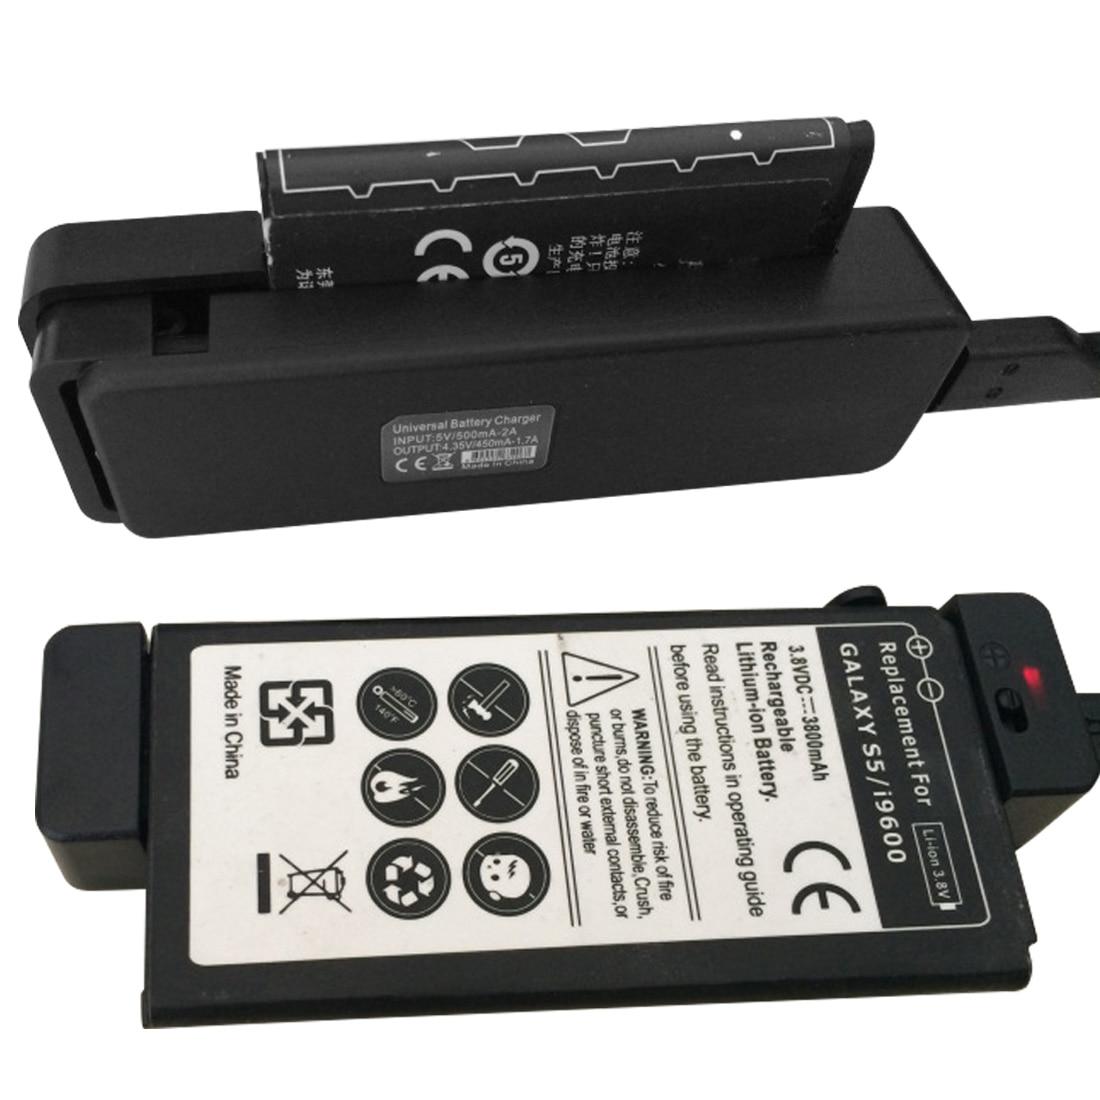 Universal indicador de carregador de bateria externa alta qualidade para samsung s5 smartphone adaptador de carregamento proteção de circuito